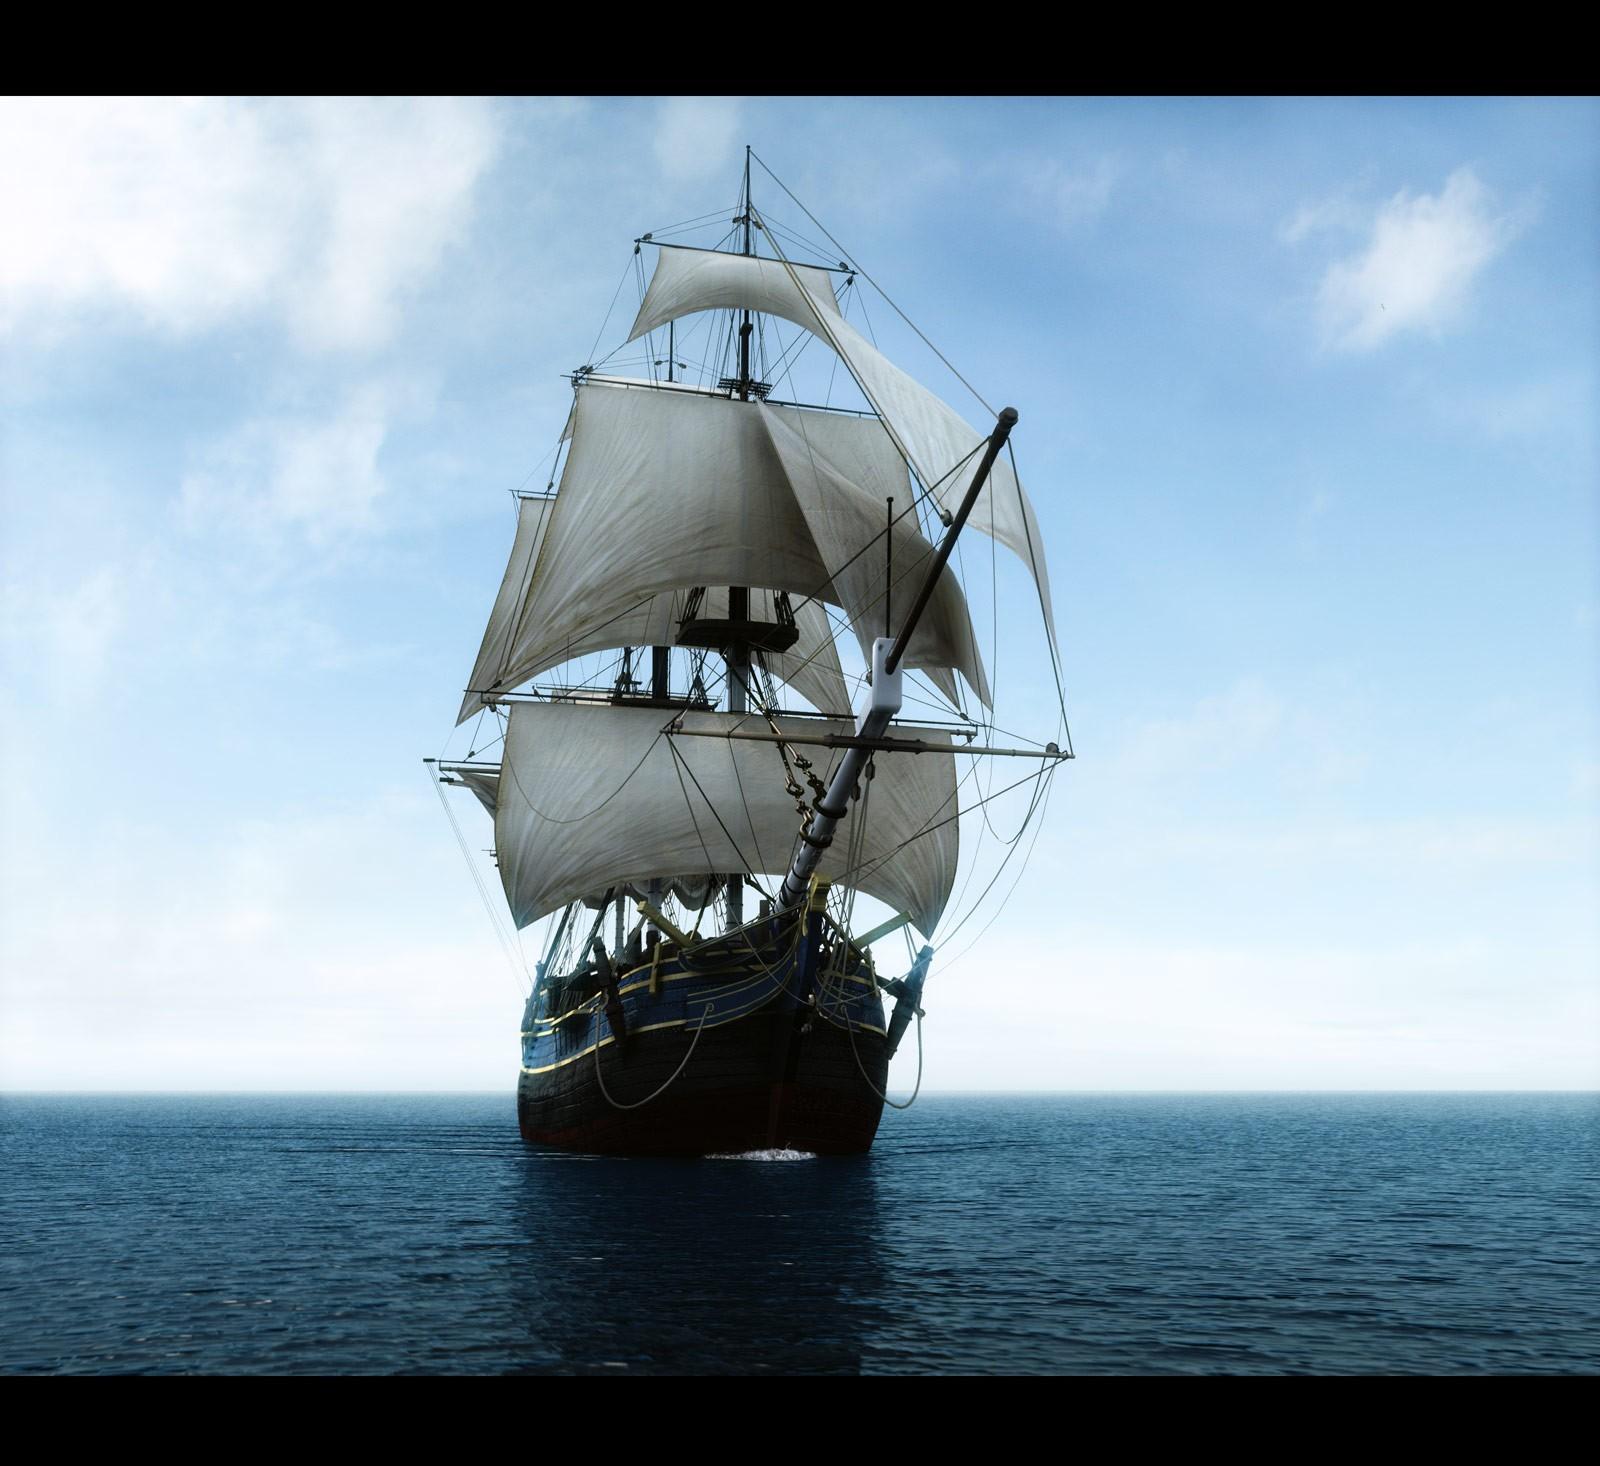 Ship by Andrea Bertaccini